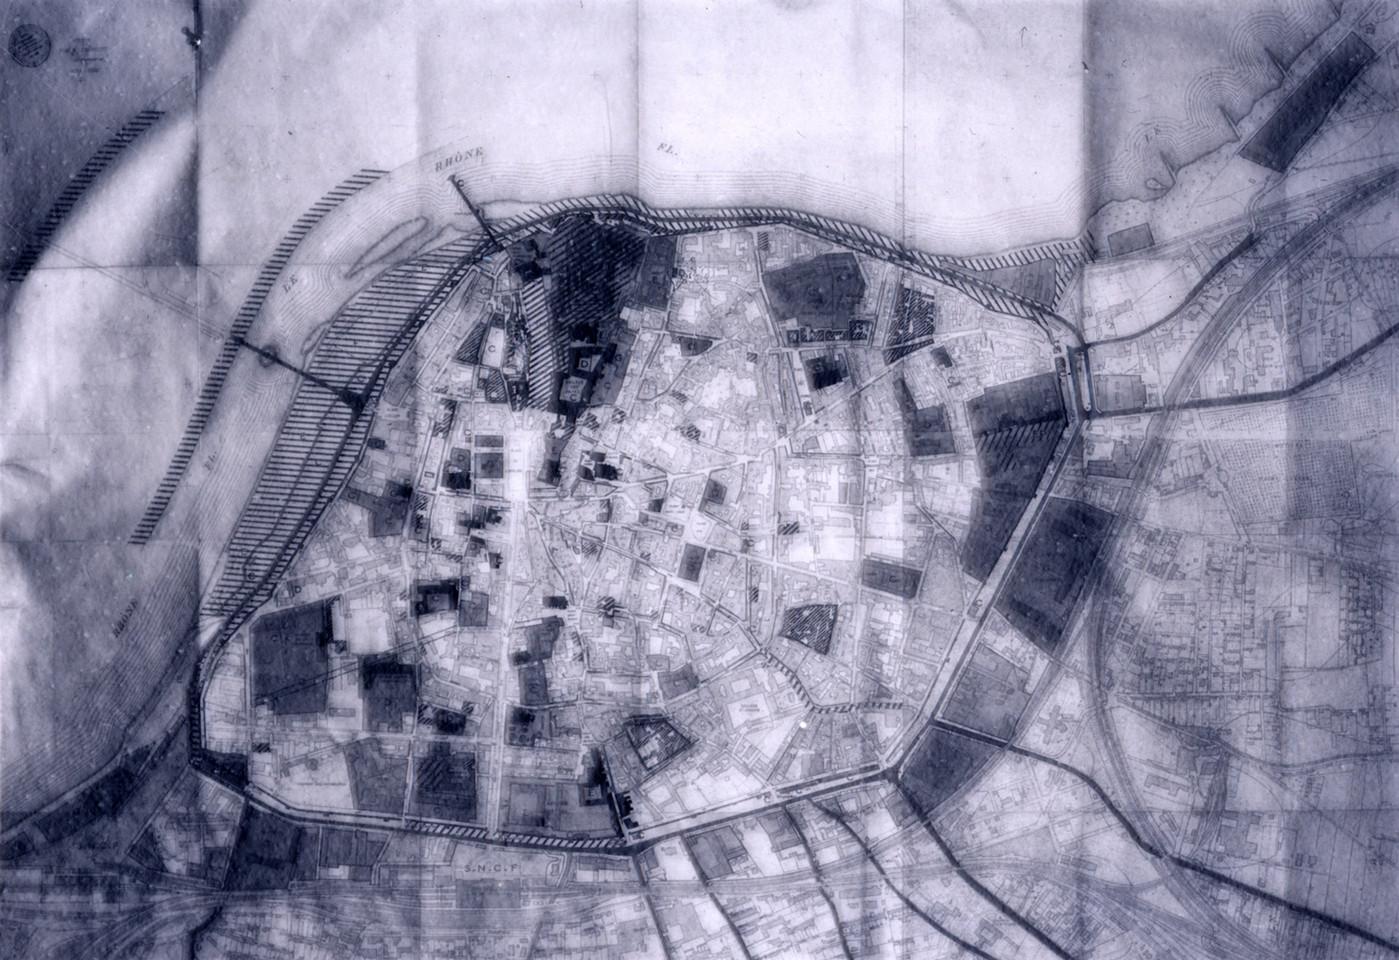 1950 – Plan d'aménagement et de zonage